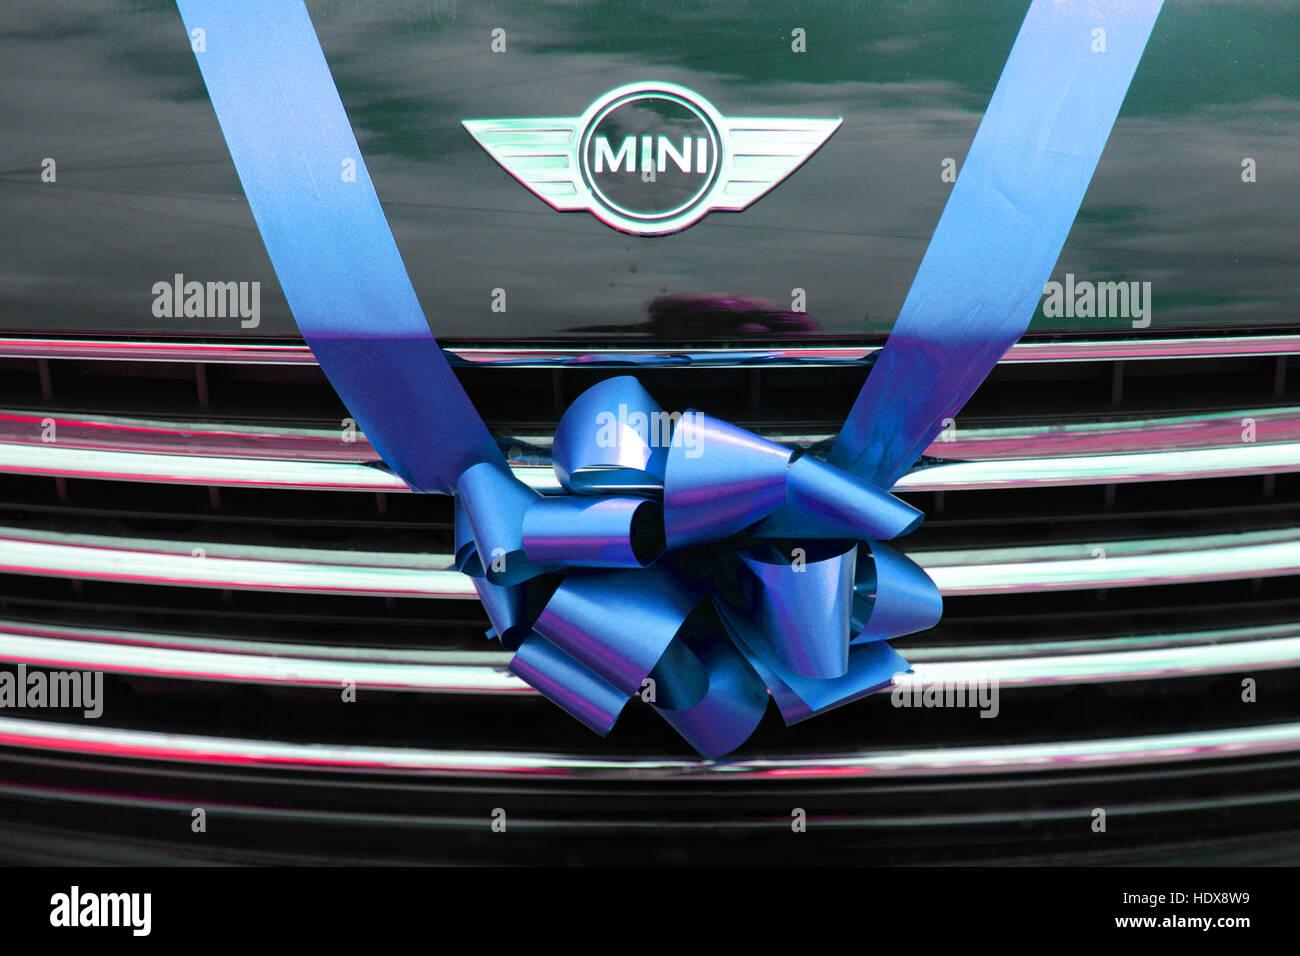 BMW Mini utiliza como coche nupcial, atado con un lazo azul y el arco a través de la rejilla del radiador. Imagen De Stock